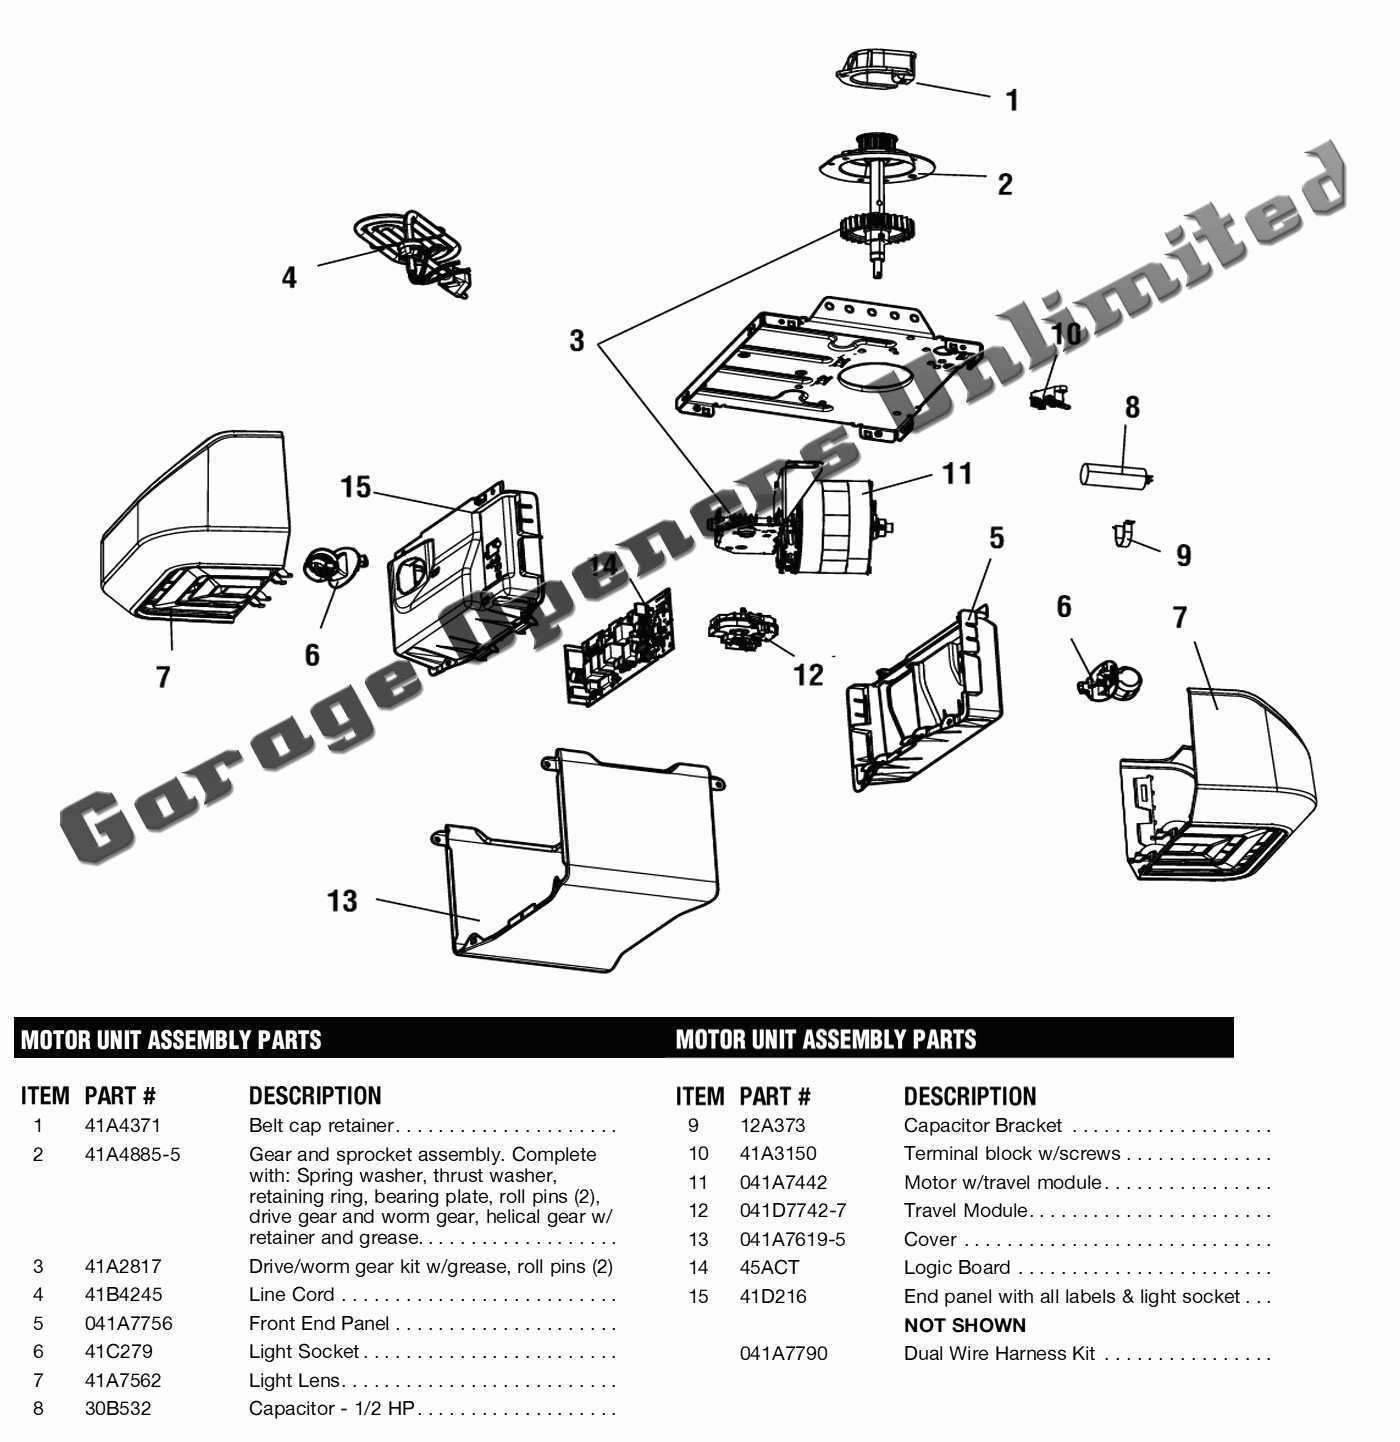 Wiring Liftmaster Garage Door Opener Fresh Liftmaster Garage Door - Liftmaster Wiring Diagram